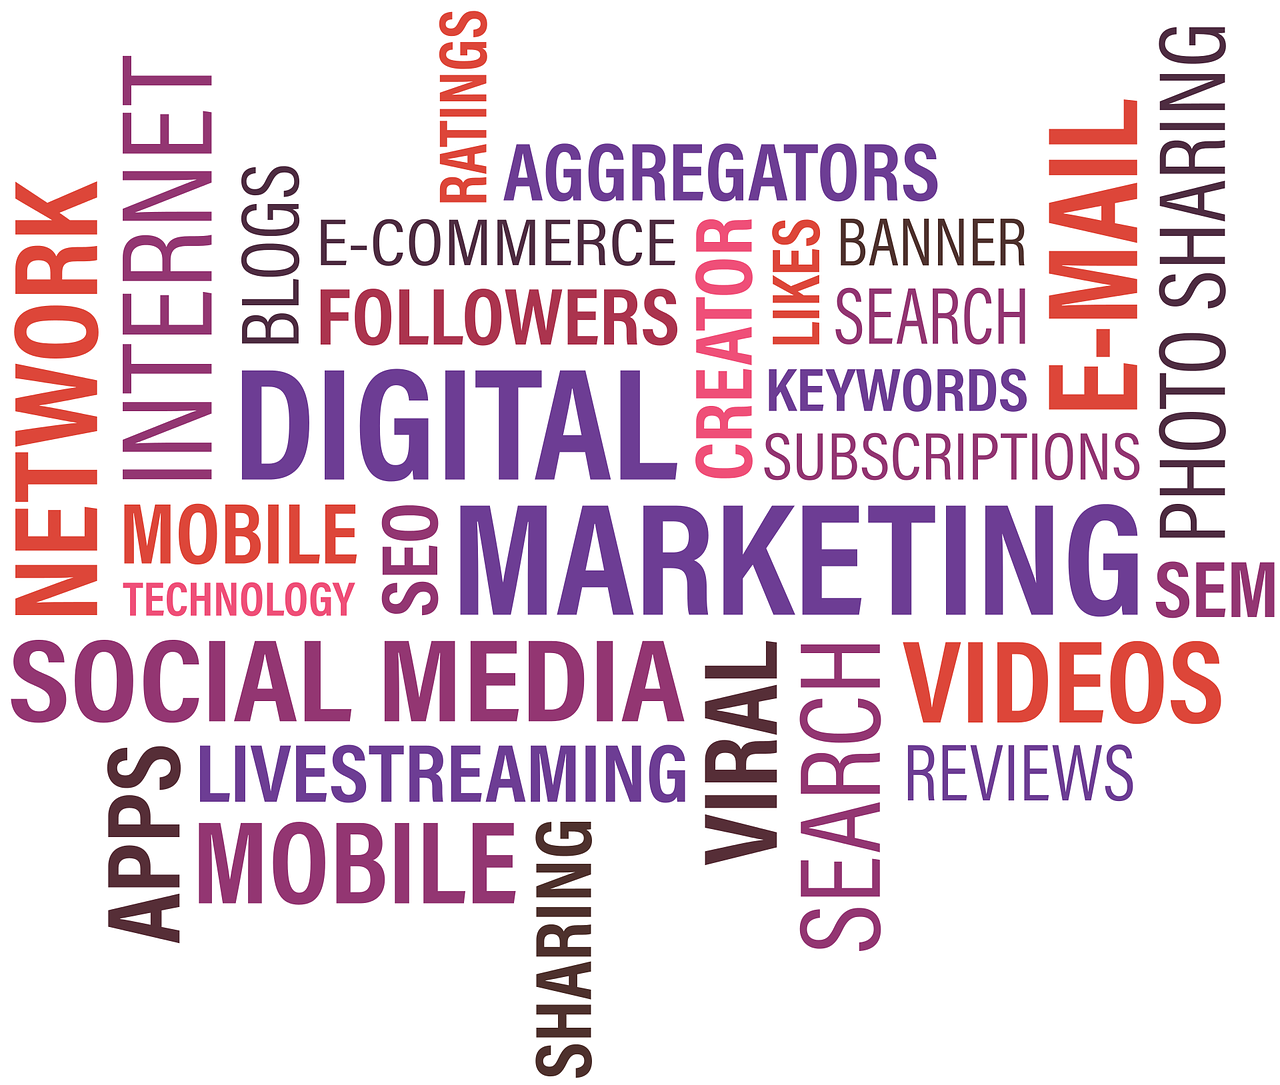 On Digitals – địa chỉ cung cấp dịch vụ web design chuyên nghiệp, uy tín